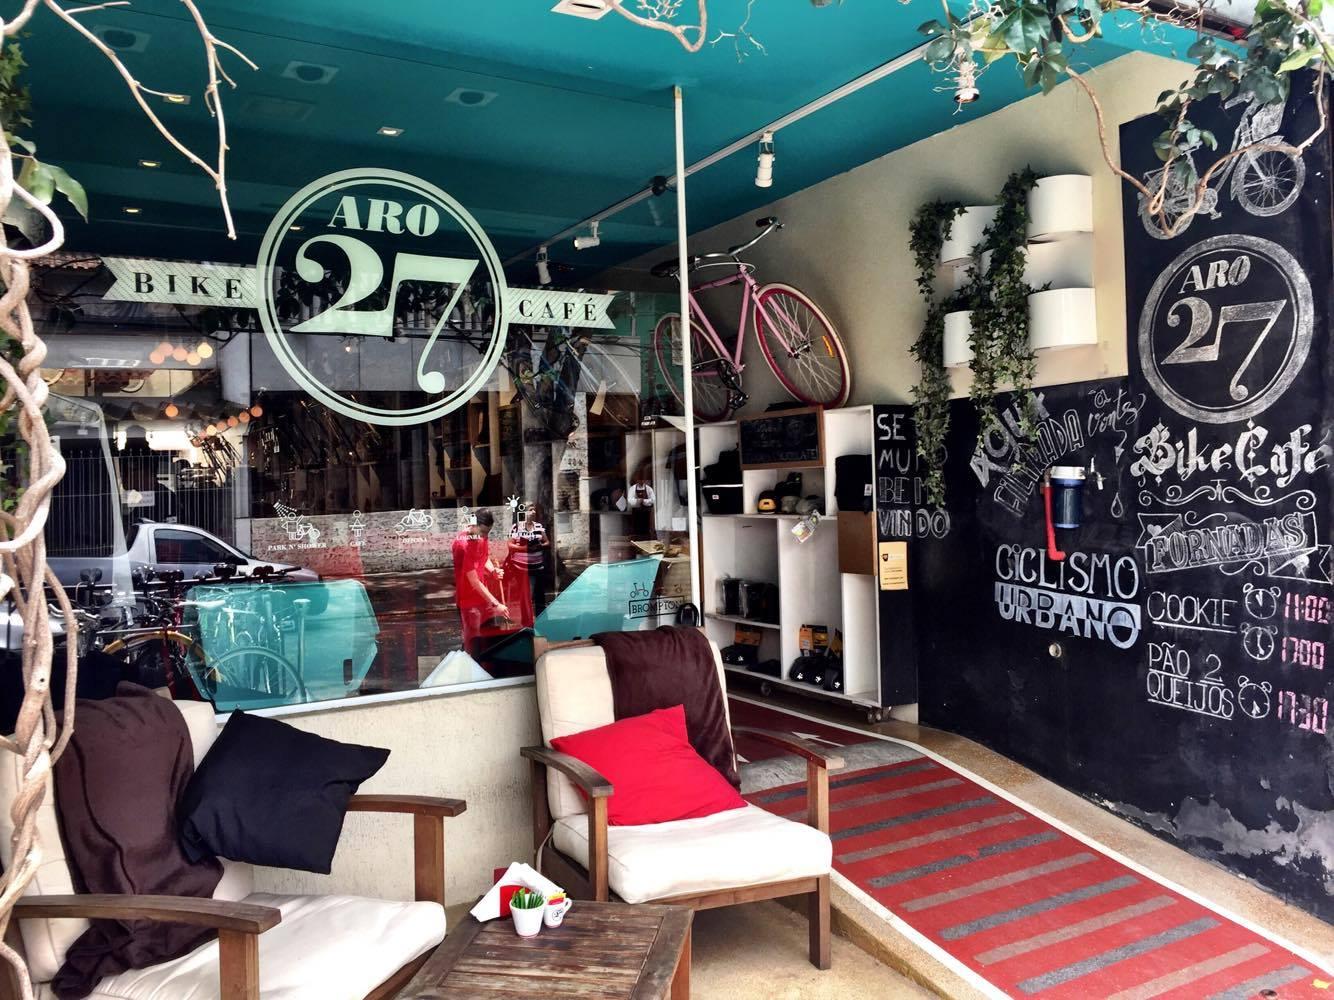 ee37cb8fcd8 Localizado próximo ao metrô Pinheiros, o Aro 27 oferece ao cliente uma loja  com bicicletas, equipamentos e acessórios para uso urbano, um mix de  serviços ...